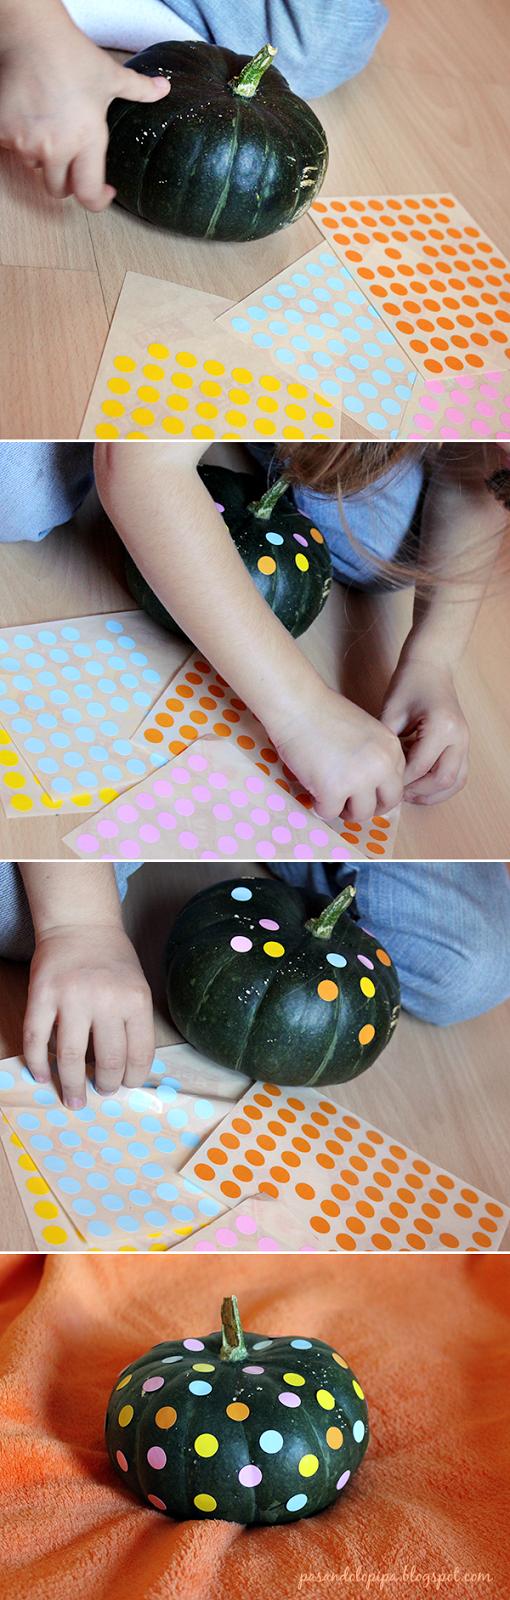 pasandolopipa | decorar calabaza con niños